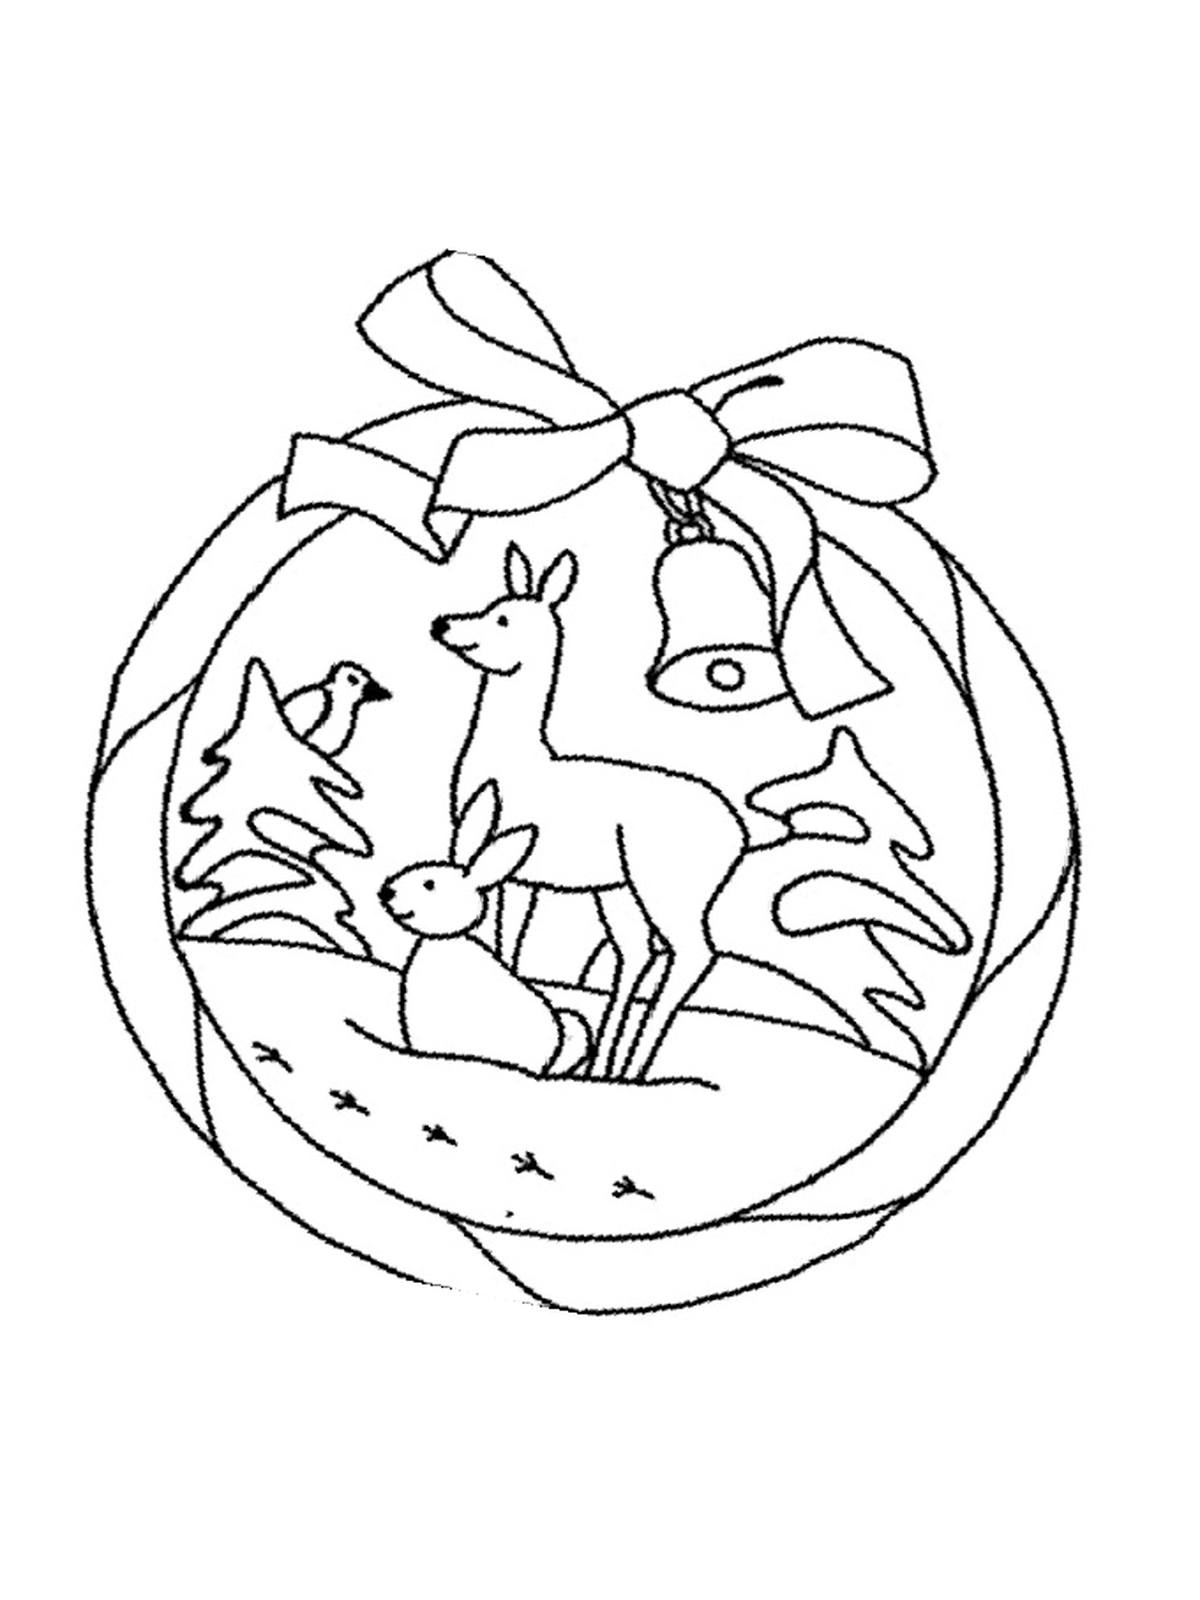 Ausmalbilder Malvorlagen Von Weihnachten Kostenlos Zum Ausdrucken